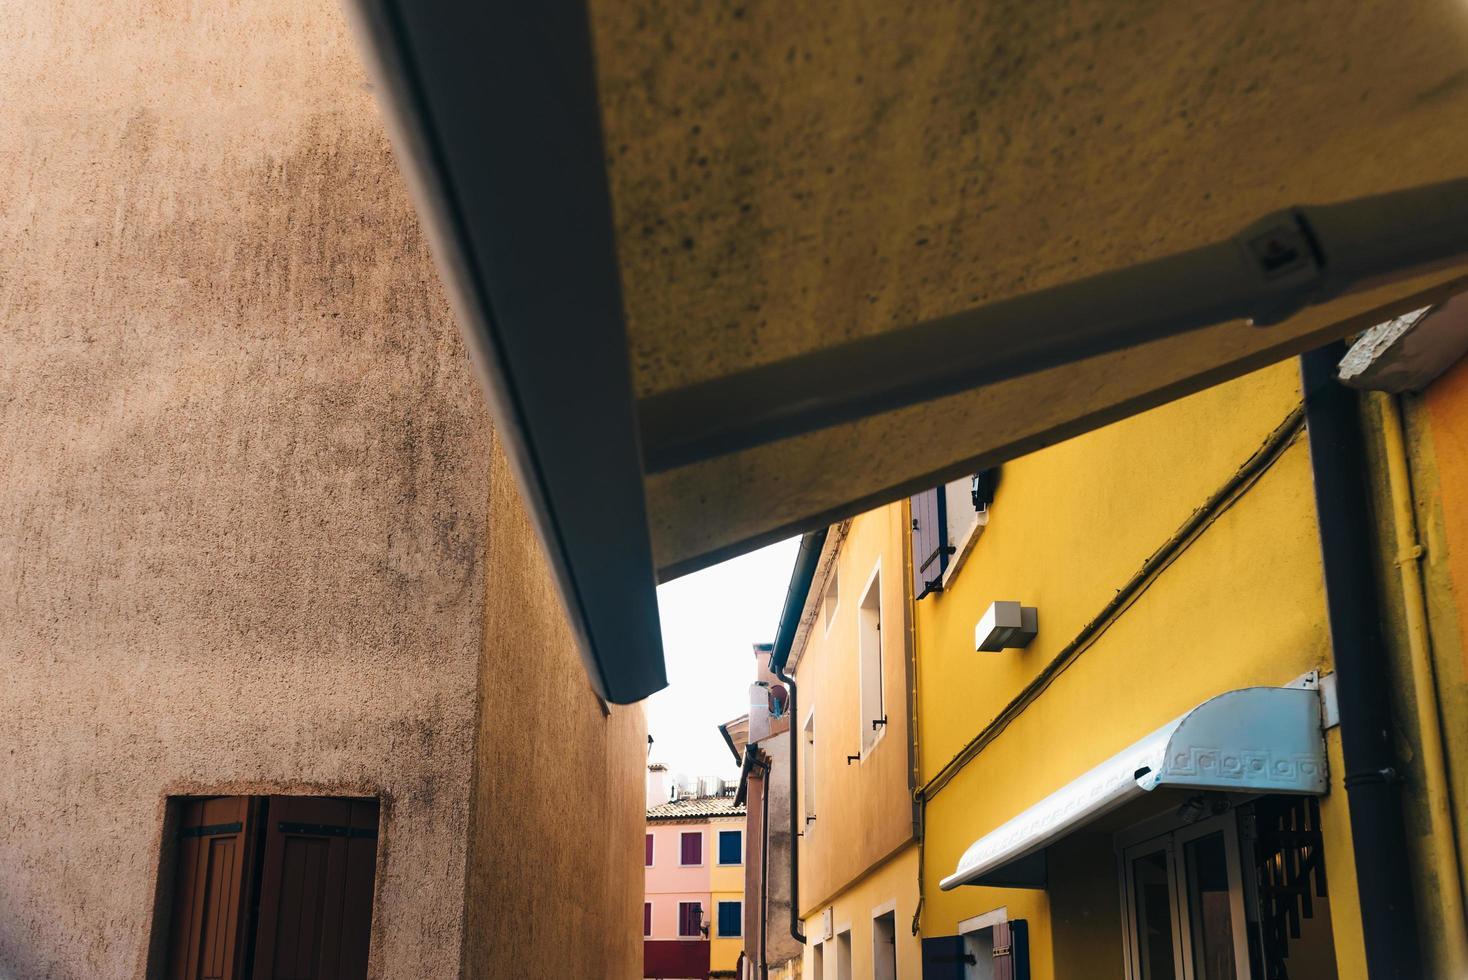 Touristenviertel der alten Provinzstadt Caorle in Italien foto